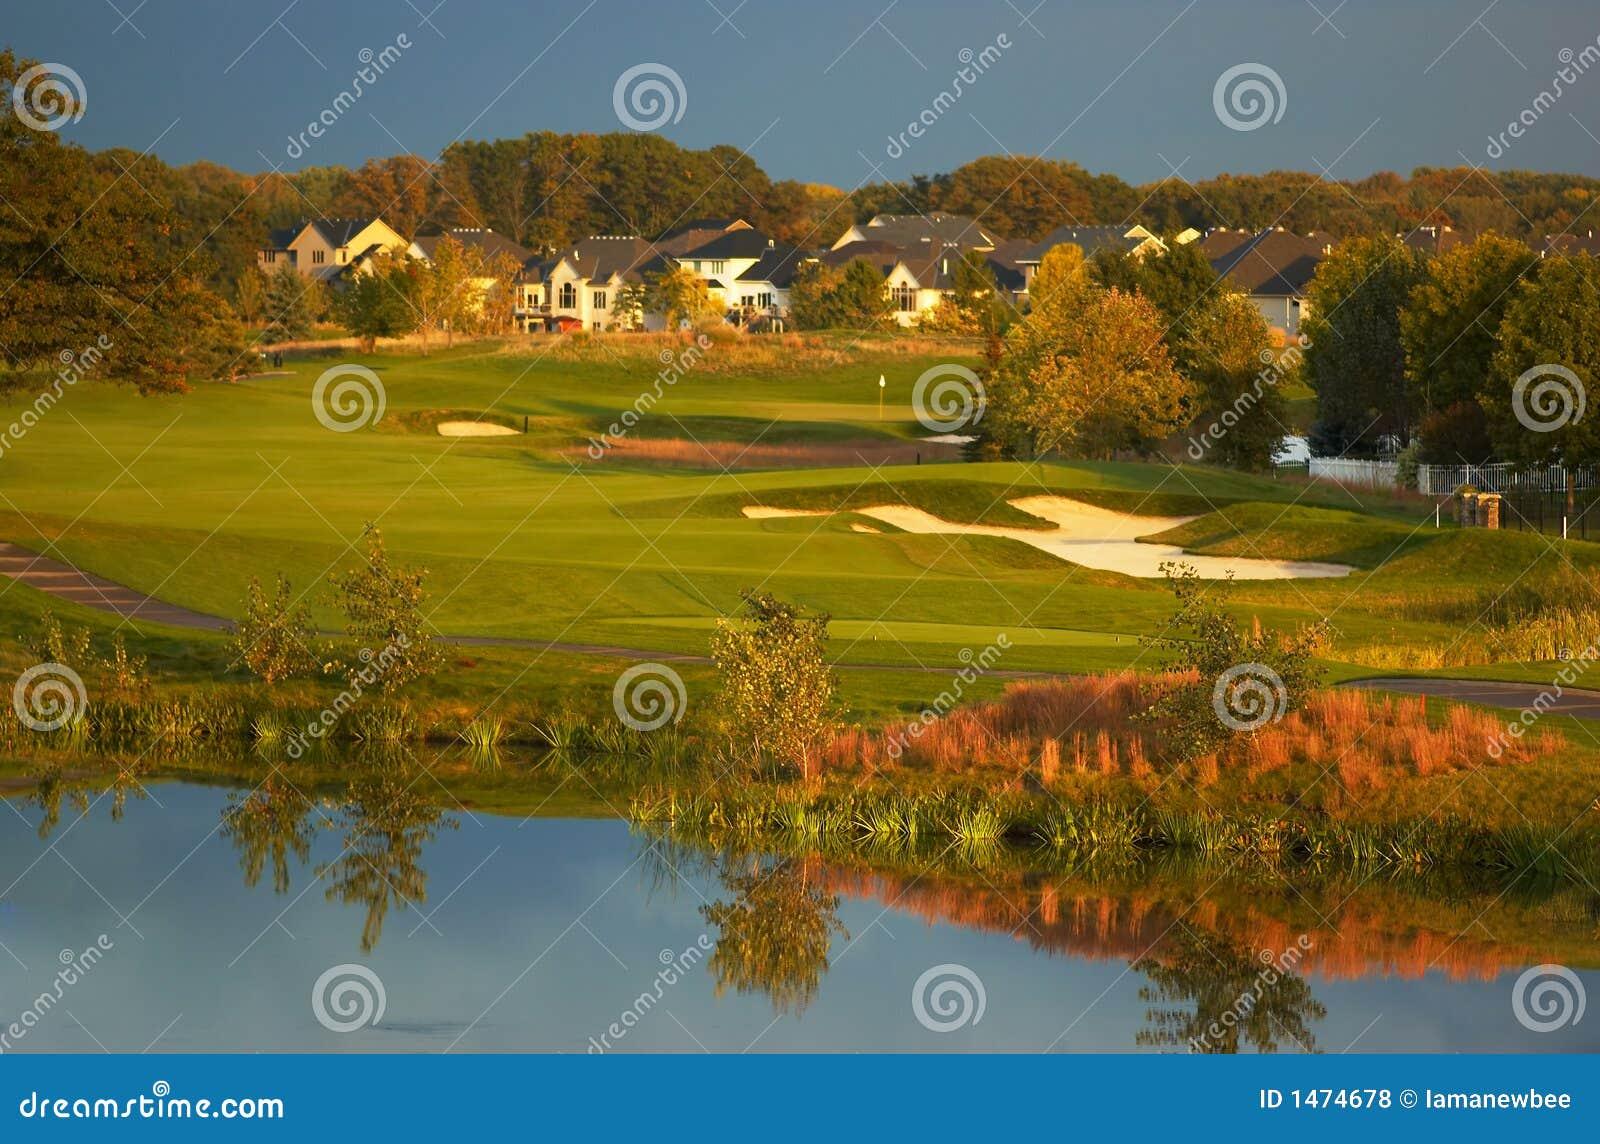 Terrain de golf dans le coucher du soleil.